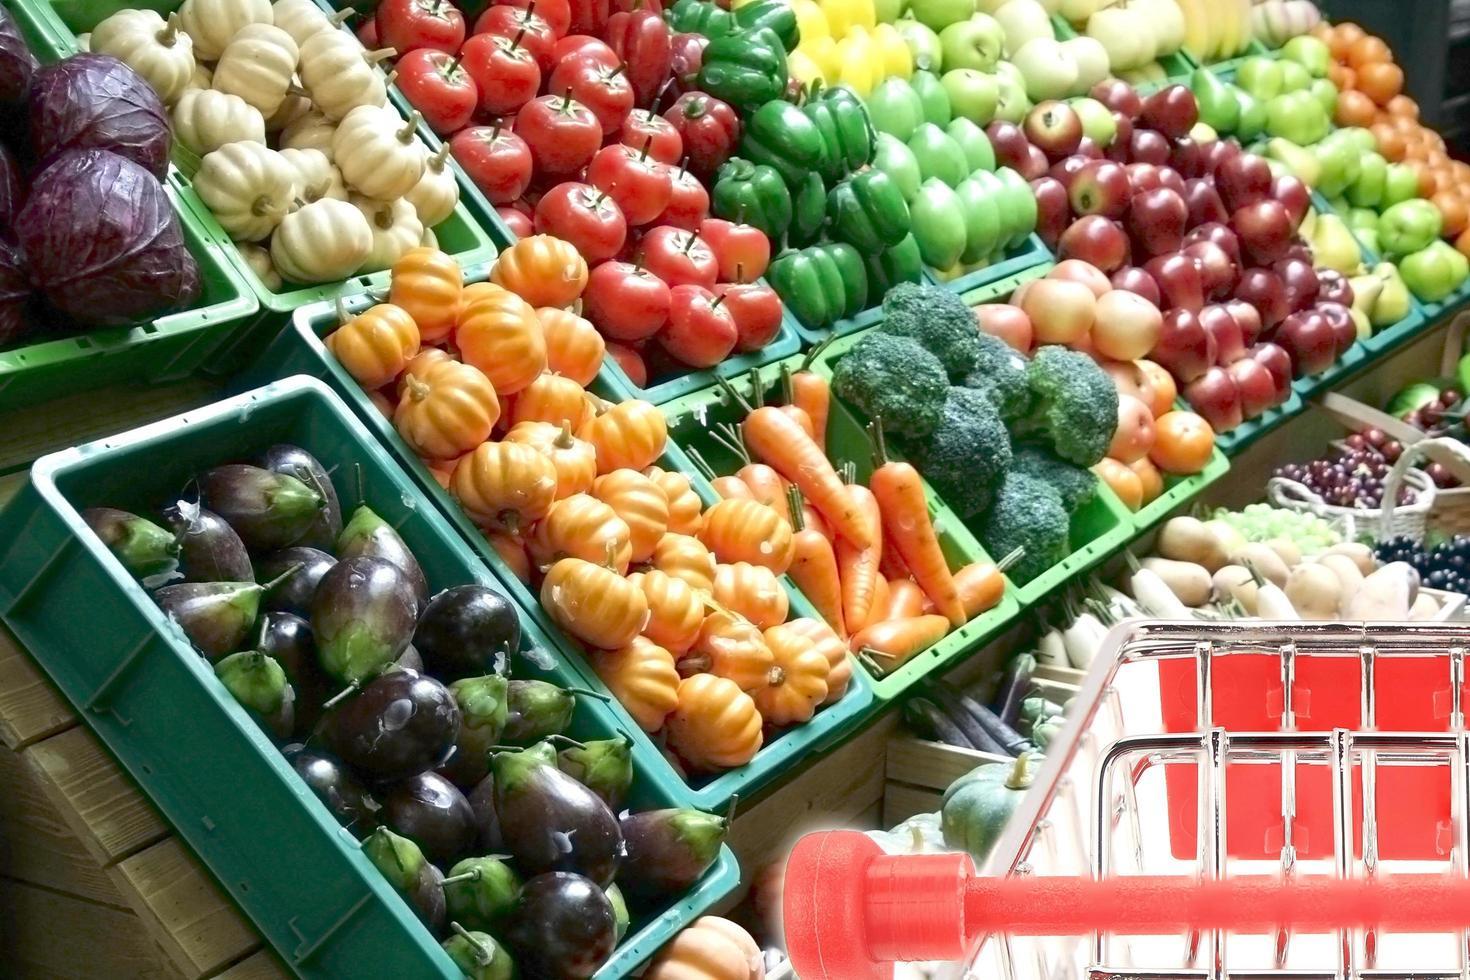 fruta en la tienda de comestibles foto